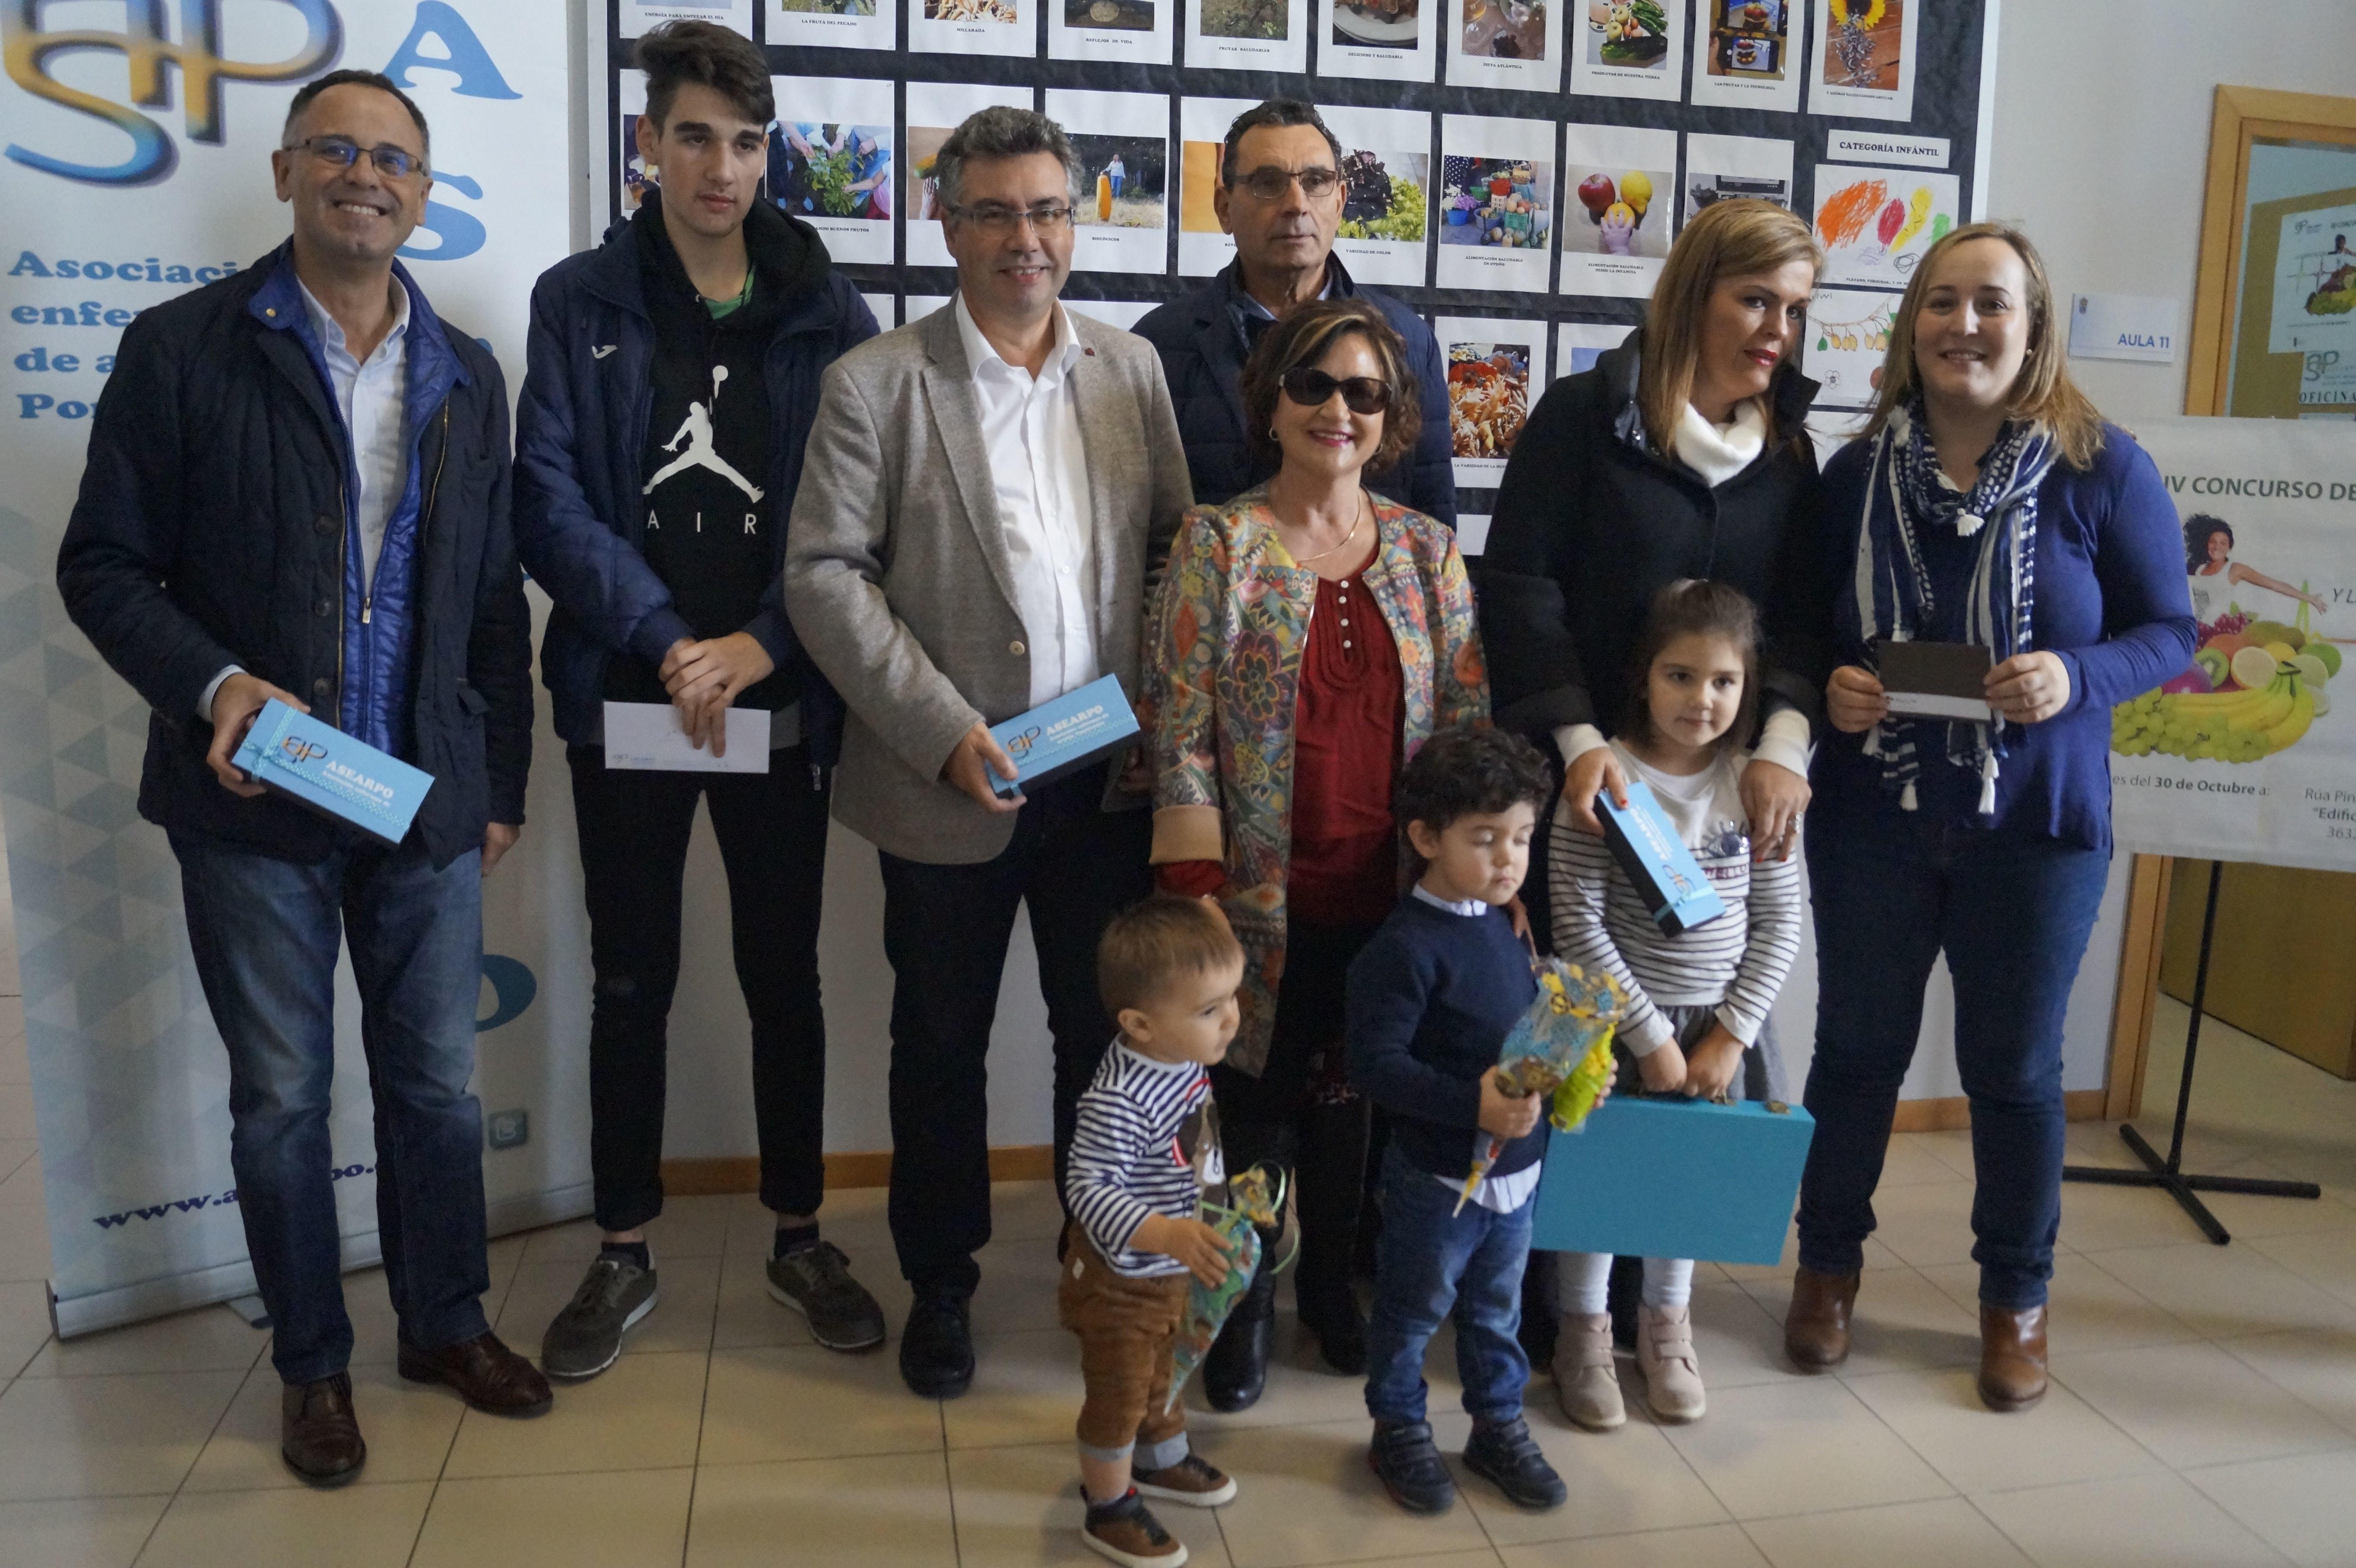 El alcalde de Redondela y miembros de Asearpo, ayer en el premio de fotos.